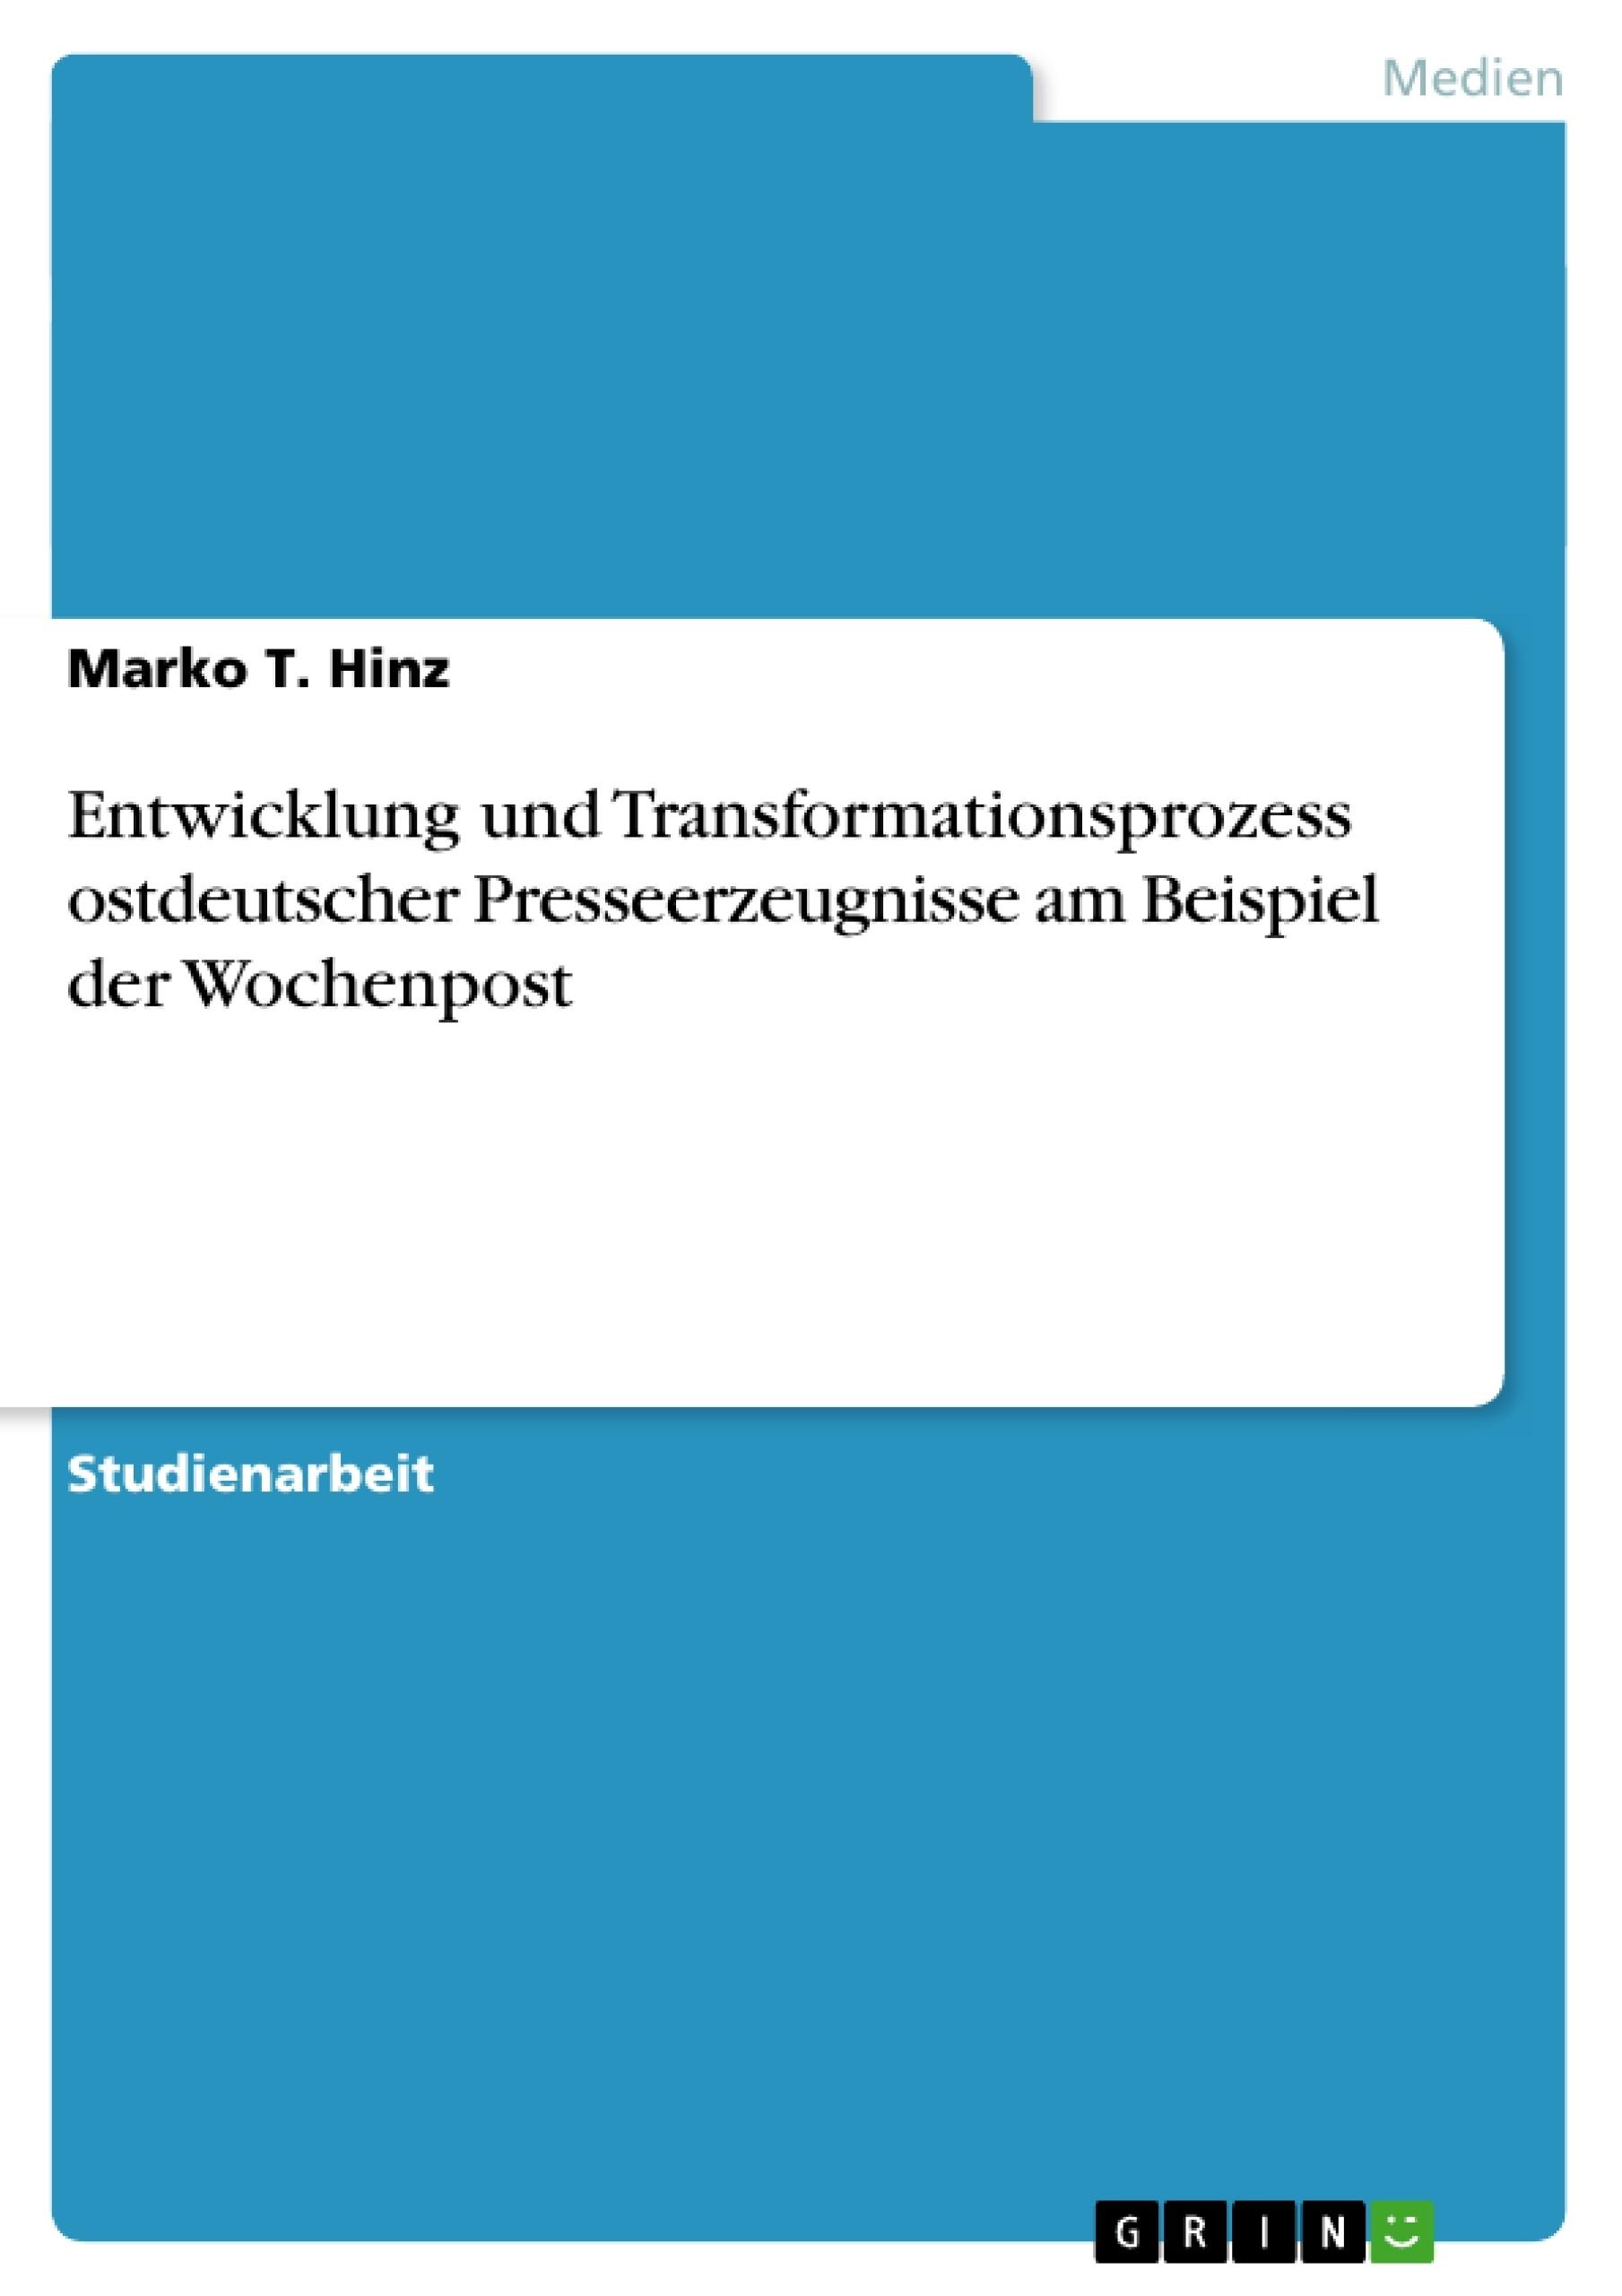 Titel: Entwicklung und Transformationsprozess ostdeutscher Presseerzeugnisse am Beispiel der Wochenpost